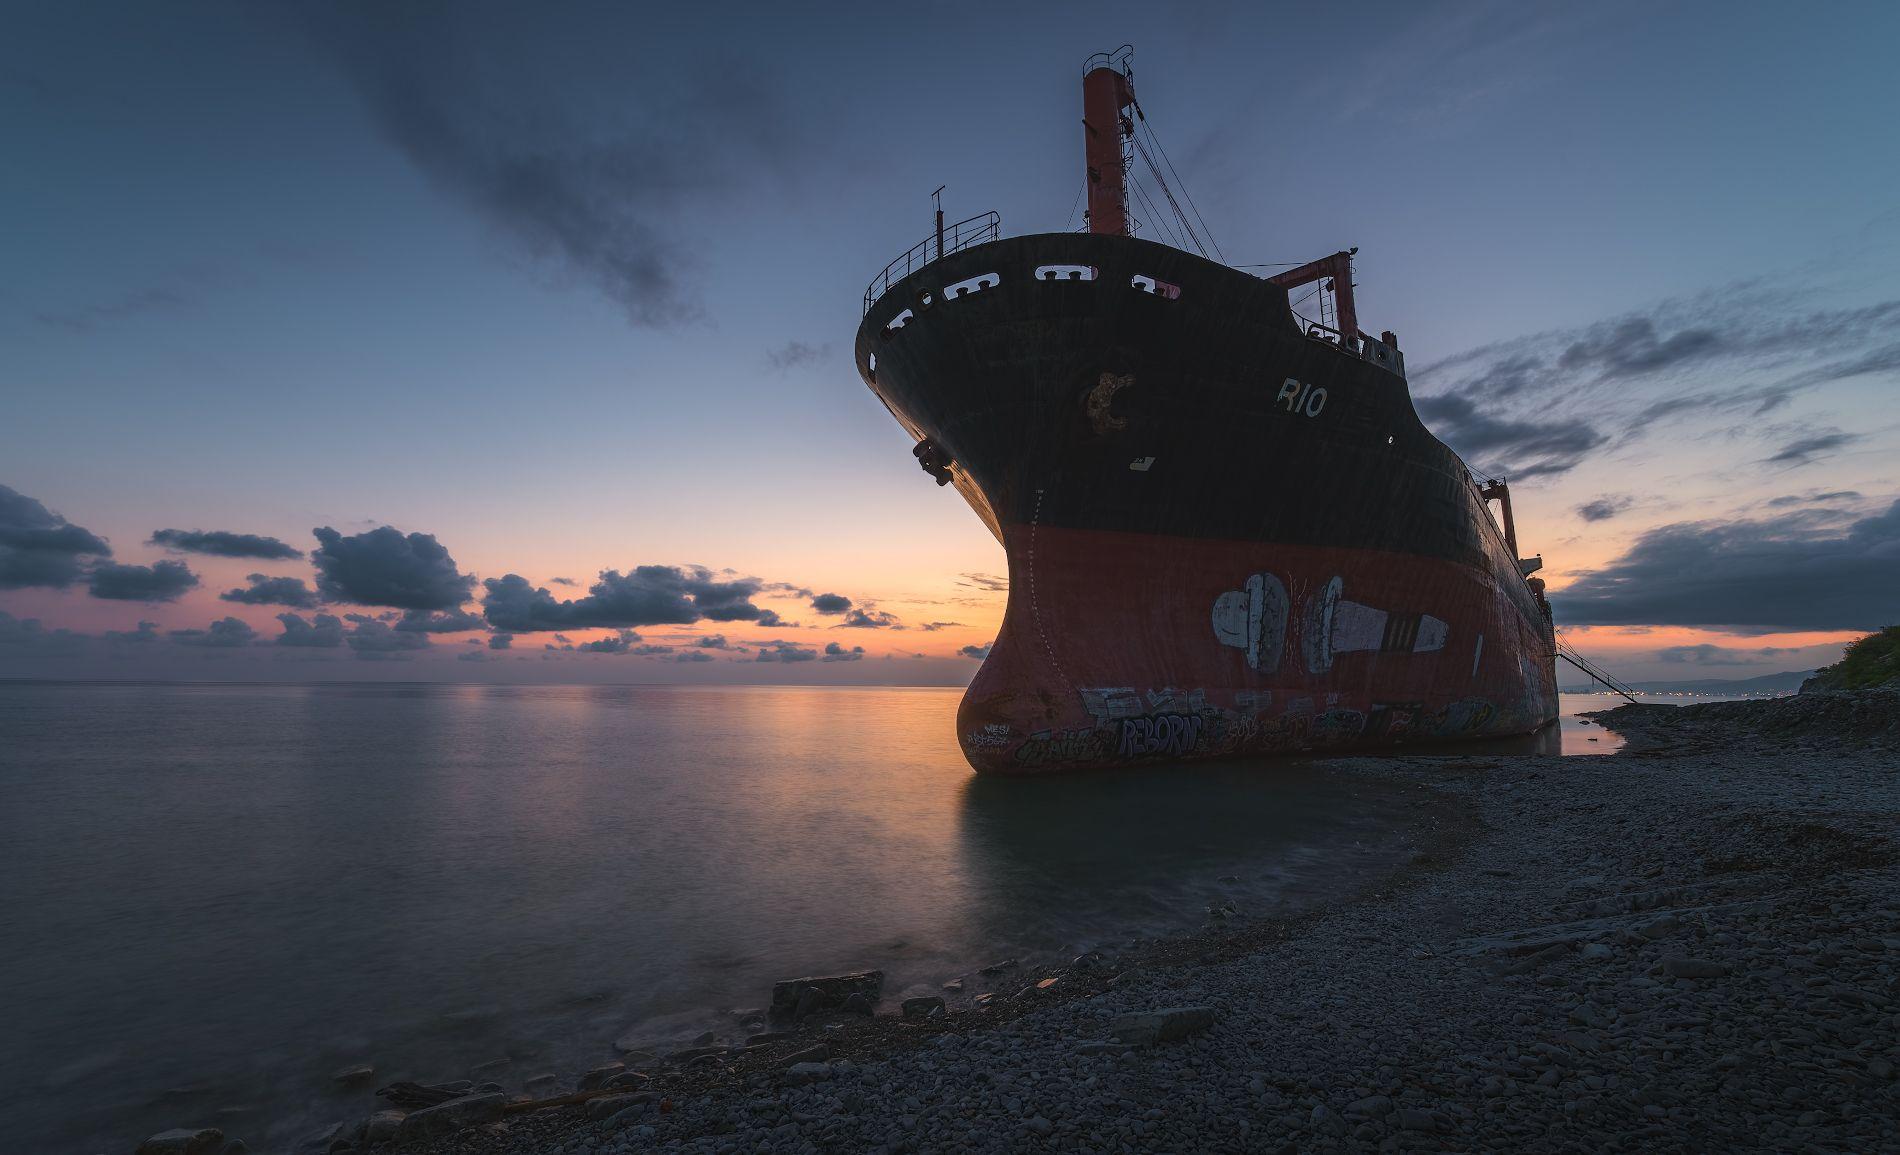 закат, море, рио, Левыкин Виталий